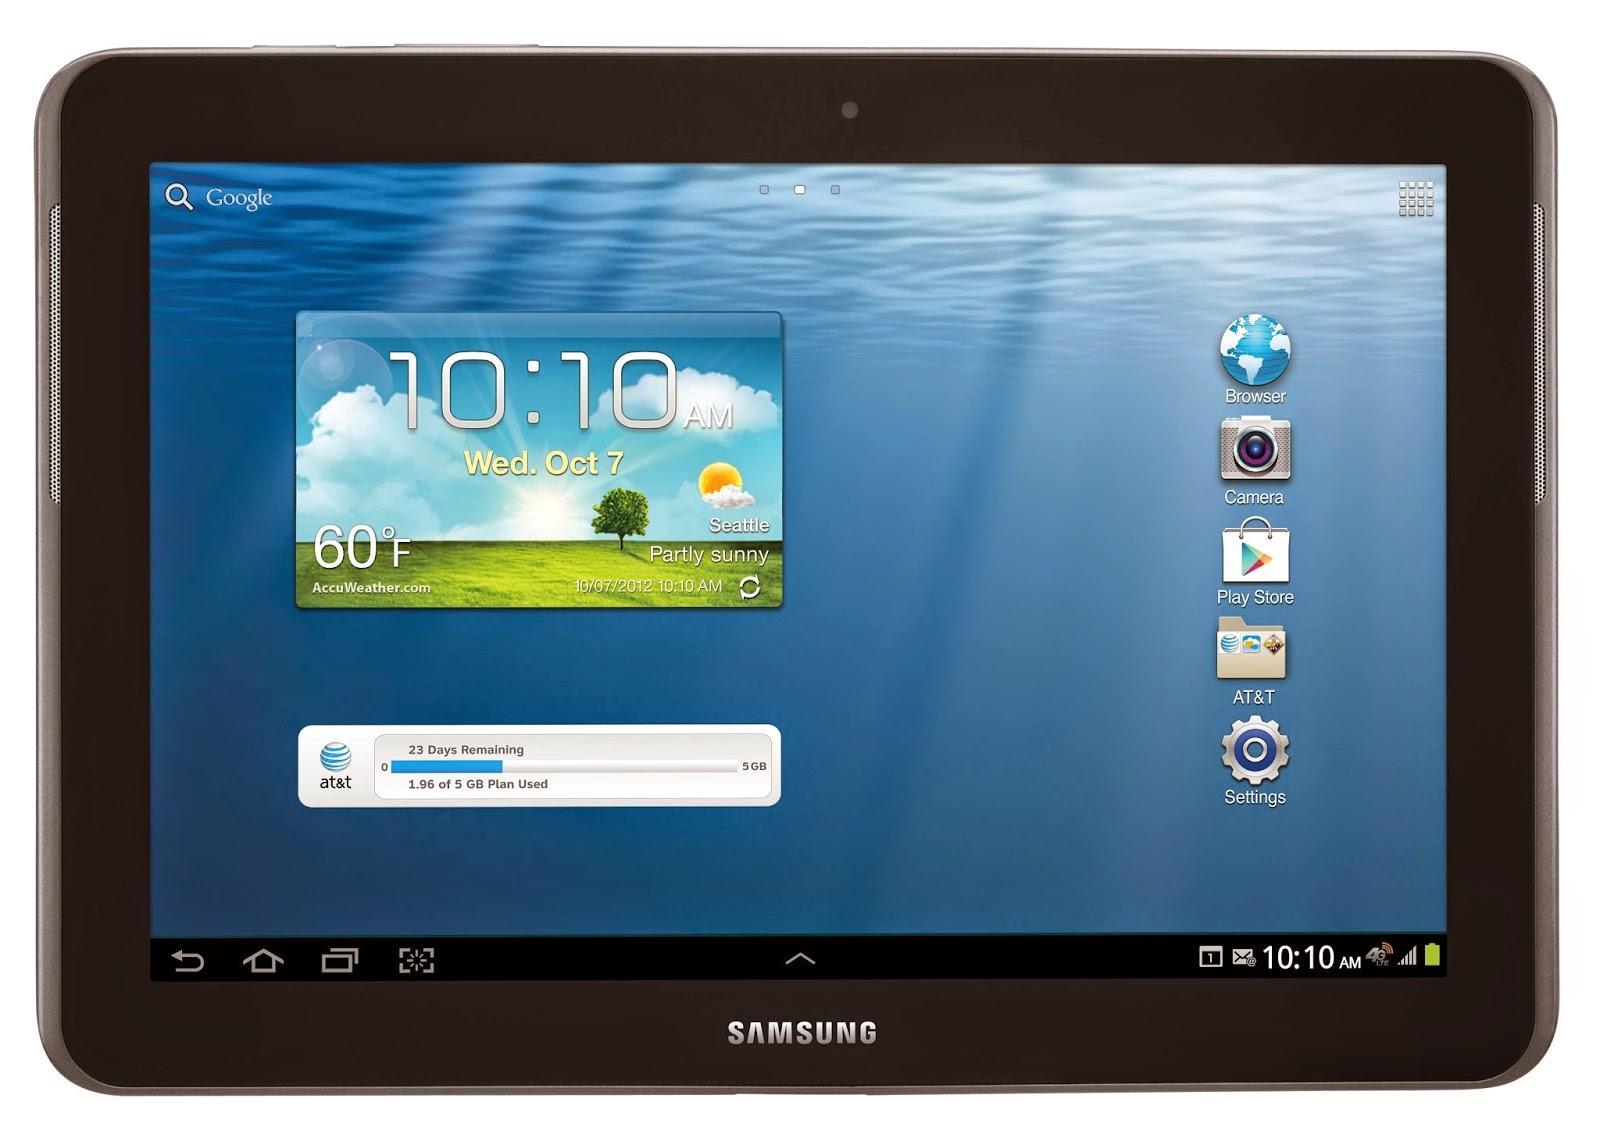 samsung galaxy tab 3 t211 firmware download